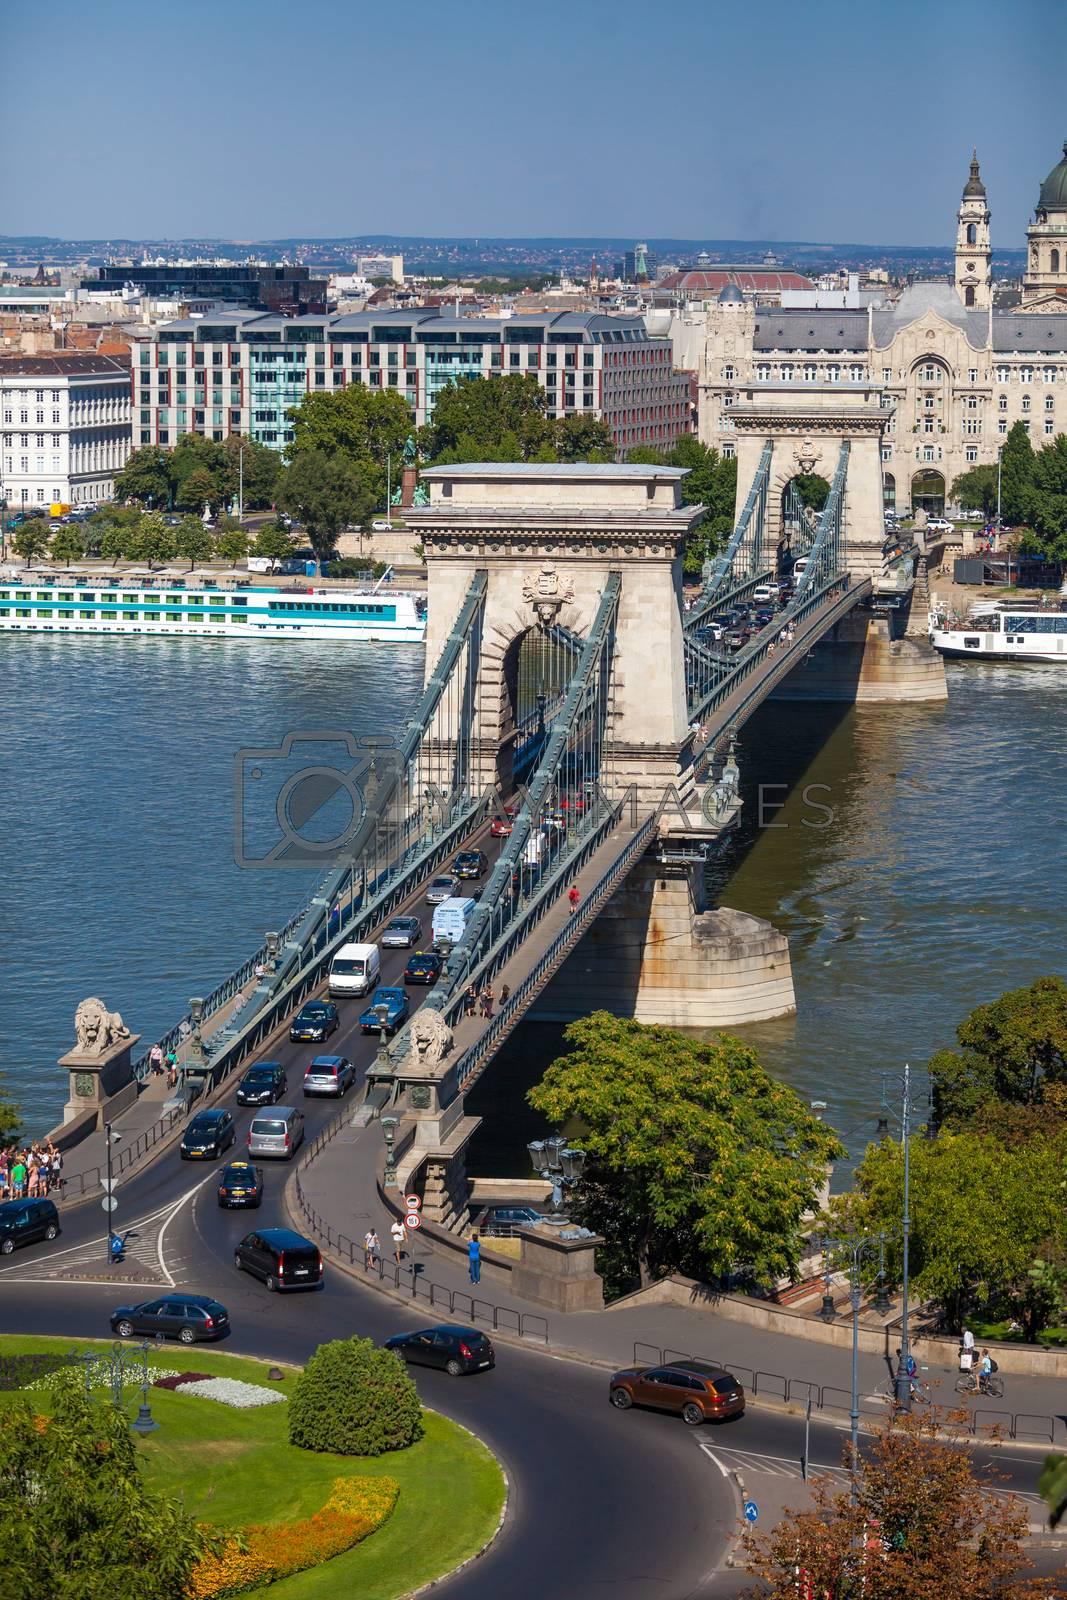 Royalty free image of Szechenyi Chain Bridge, Budapest, Hungary by PixAchi